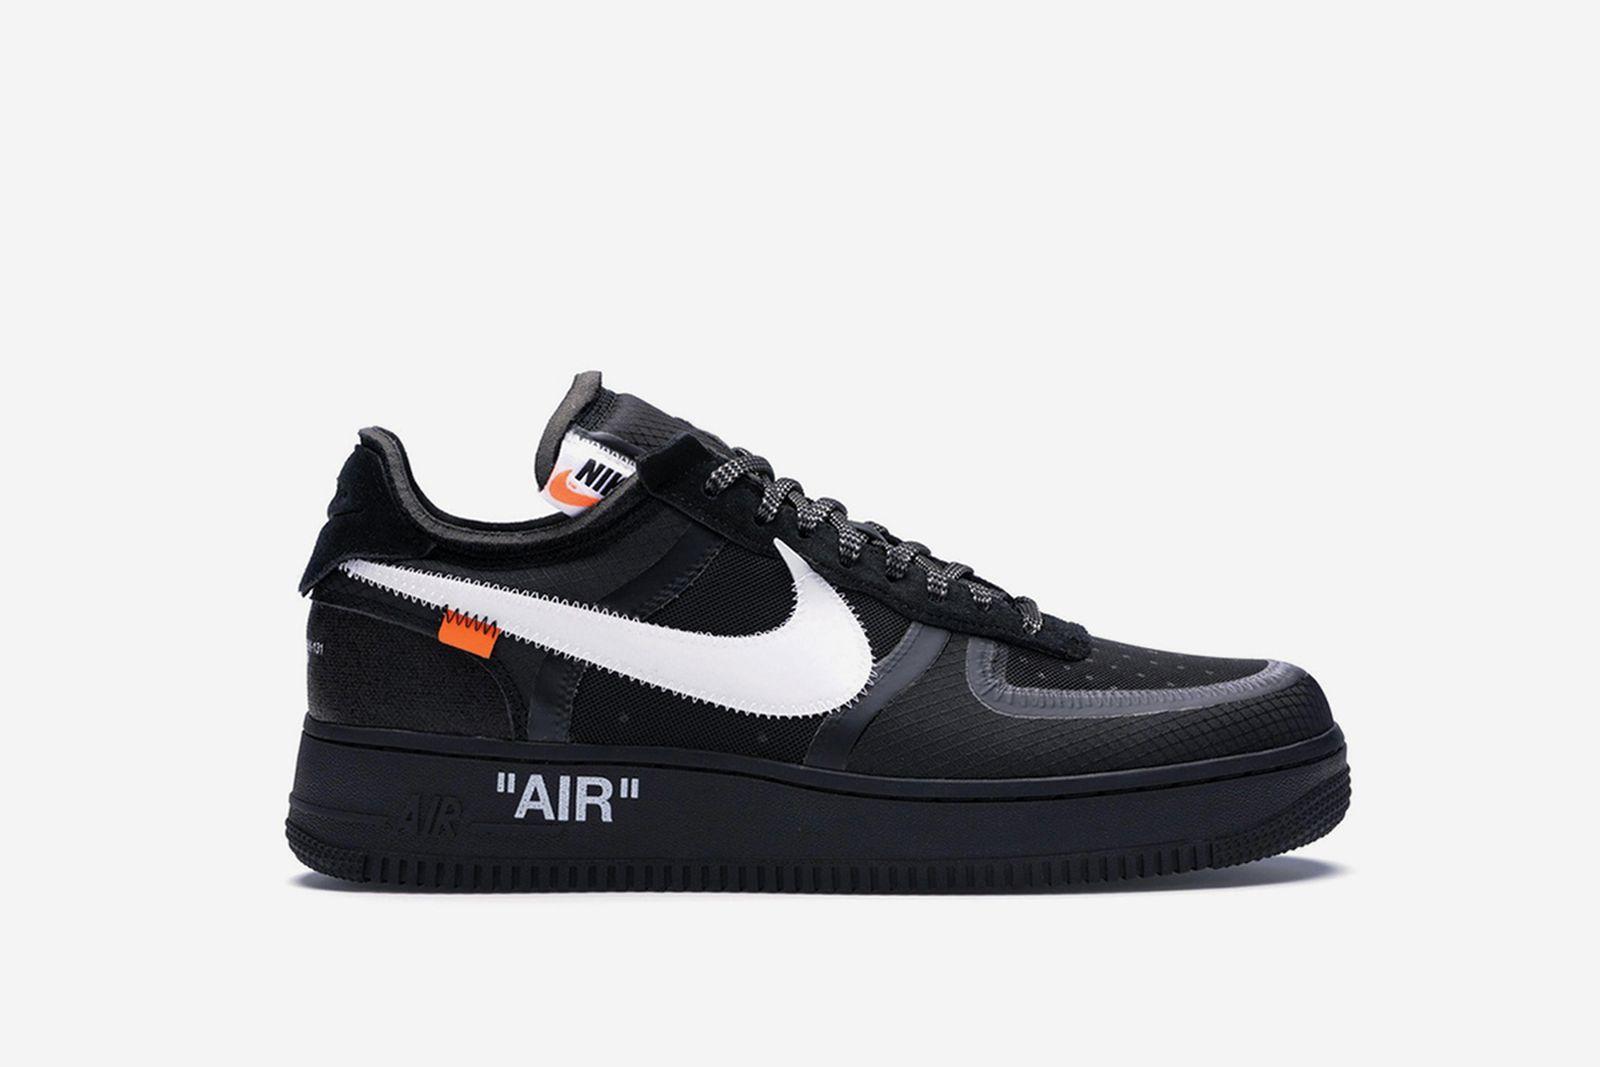 off white af1 black GOAT Nike The Ten OFF-WHITE c/o Virgil Abloh